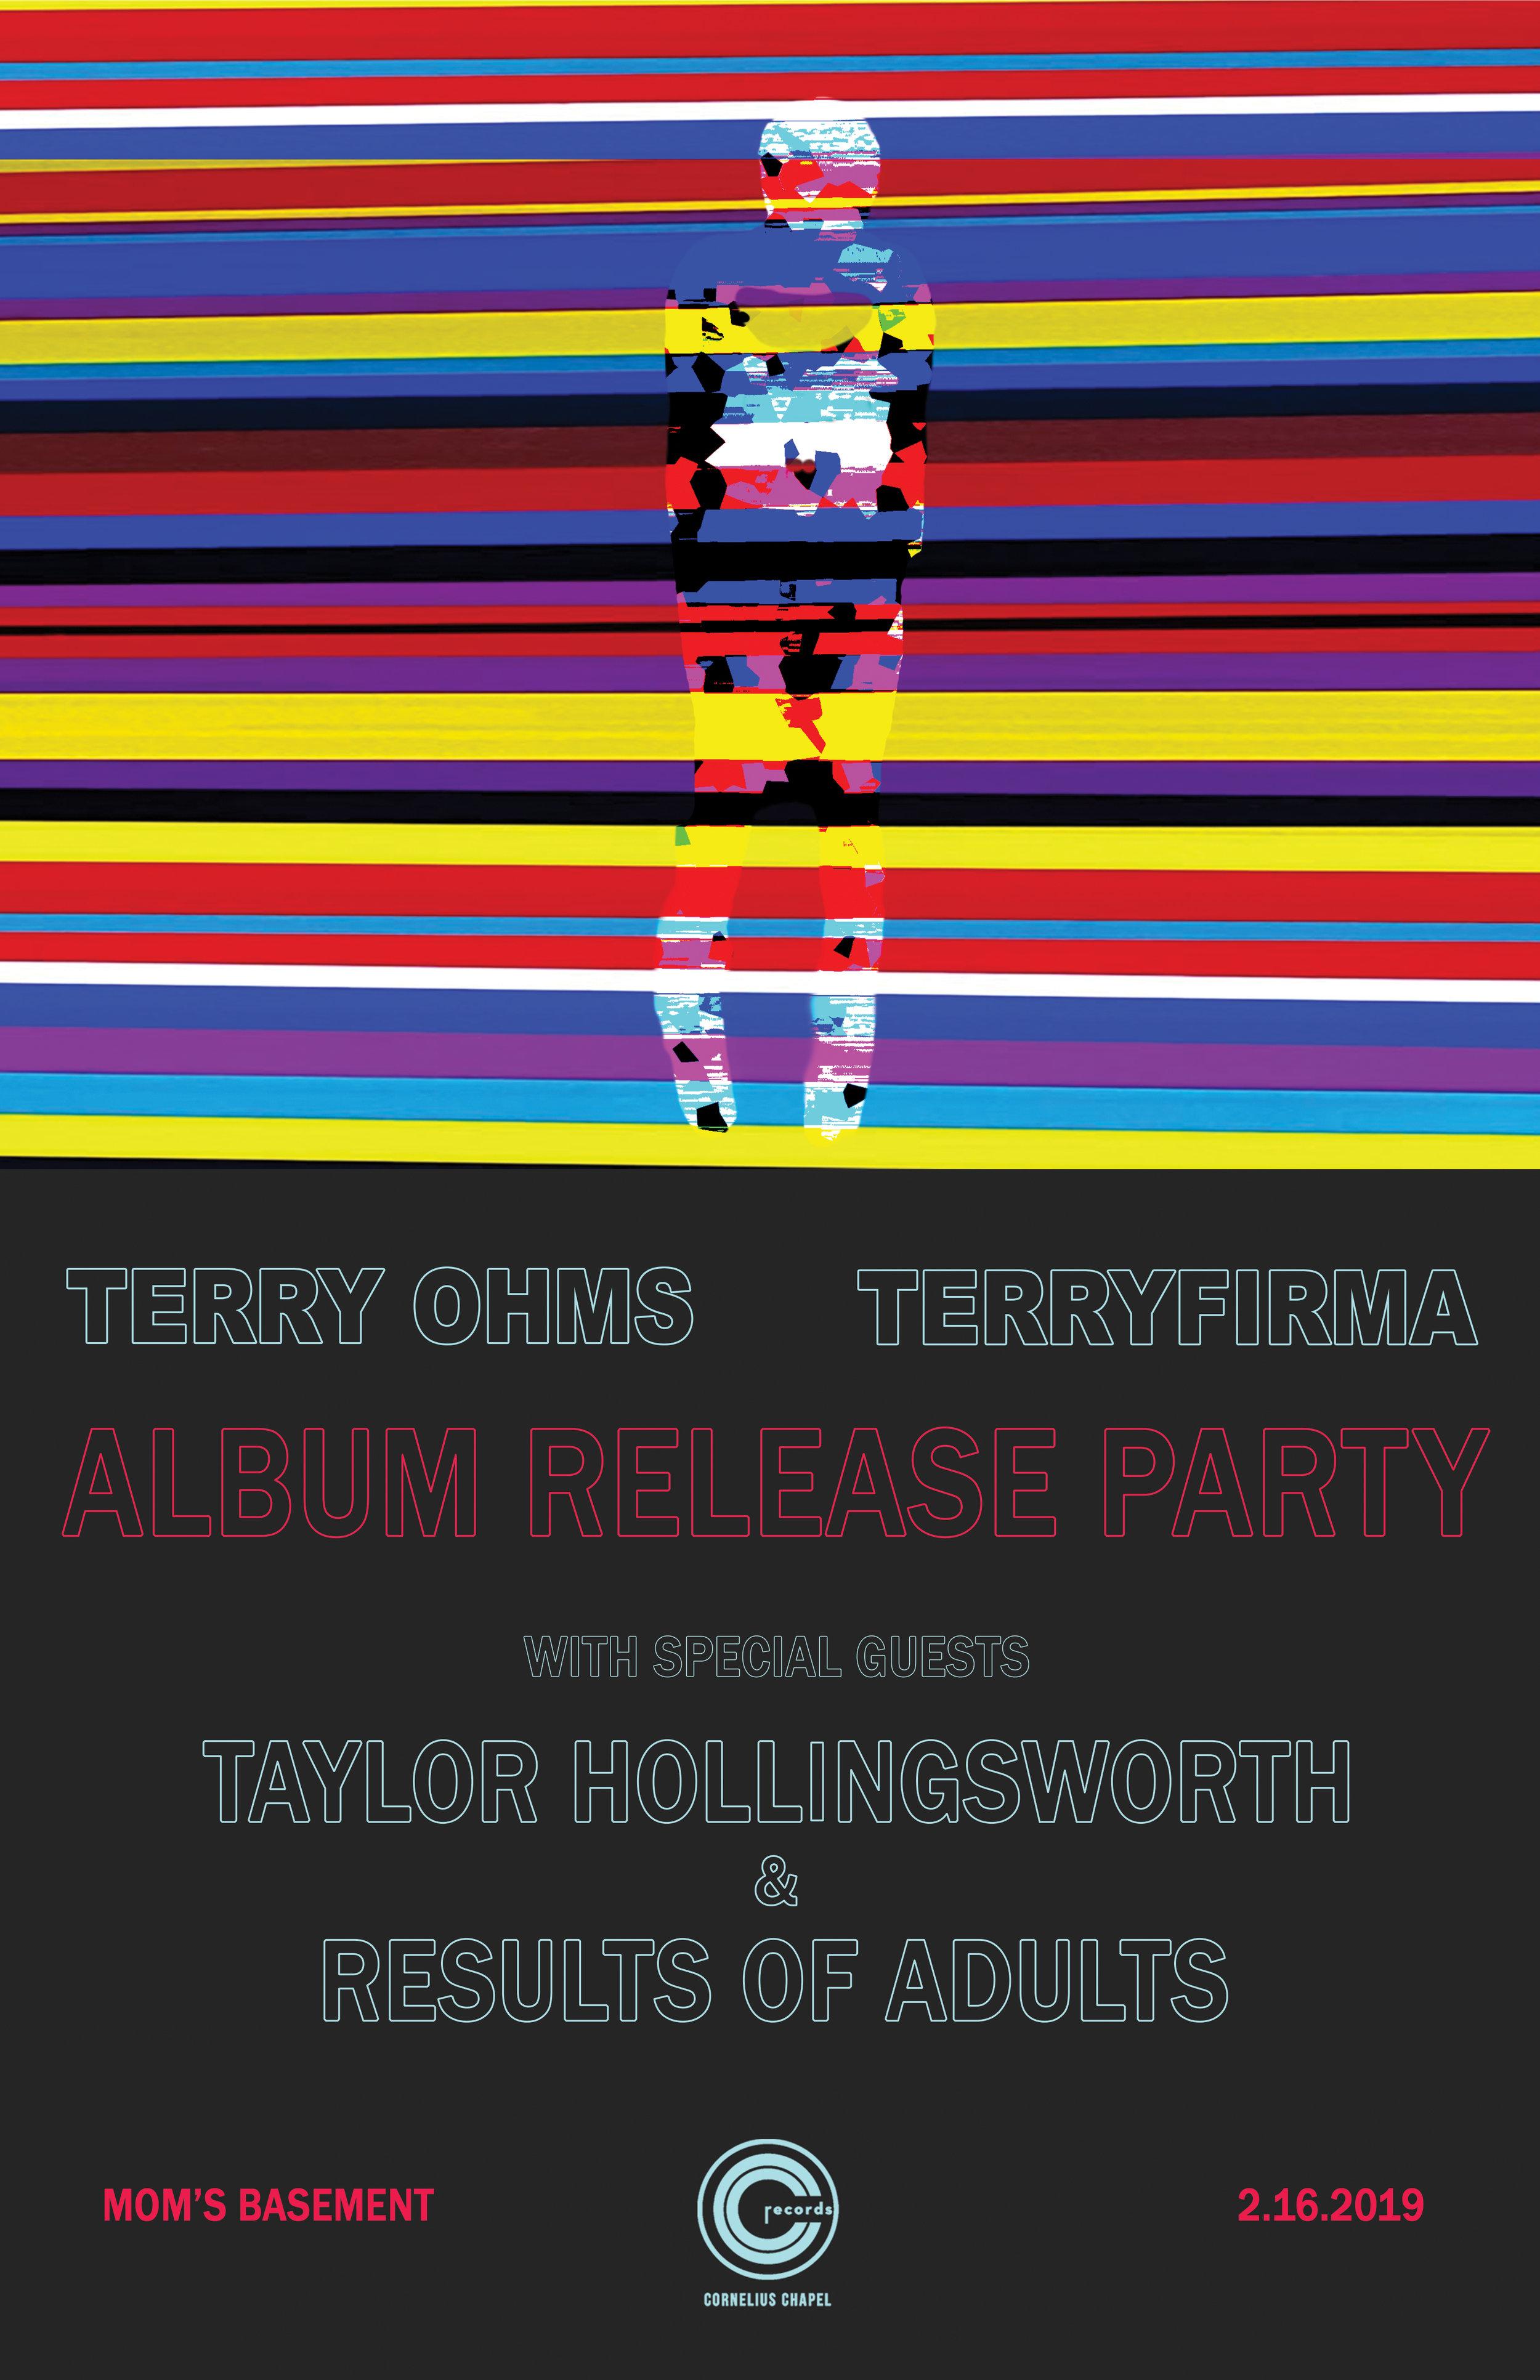 Show Poster_TerryOhms_Terryfirma.jpg